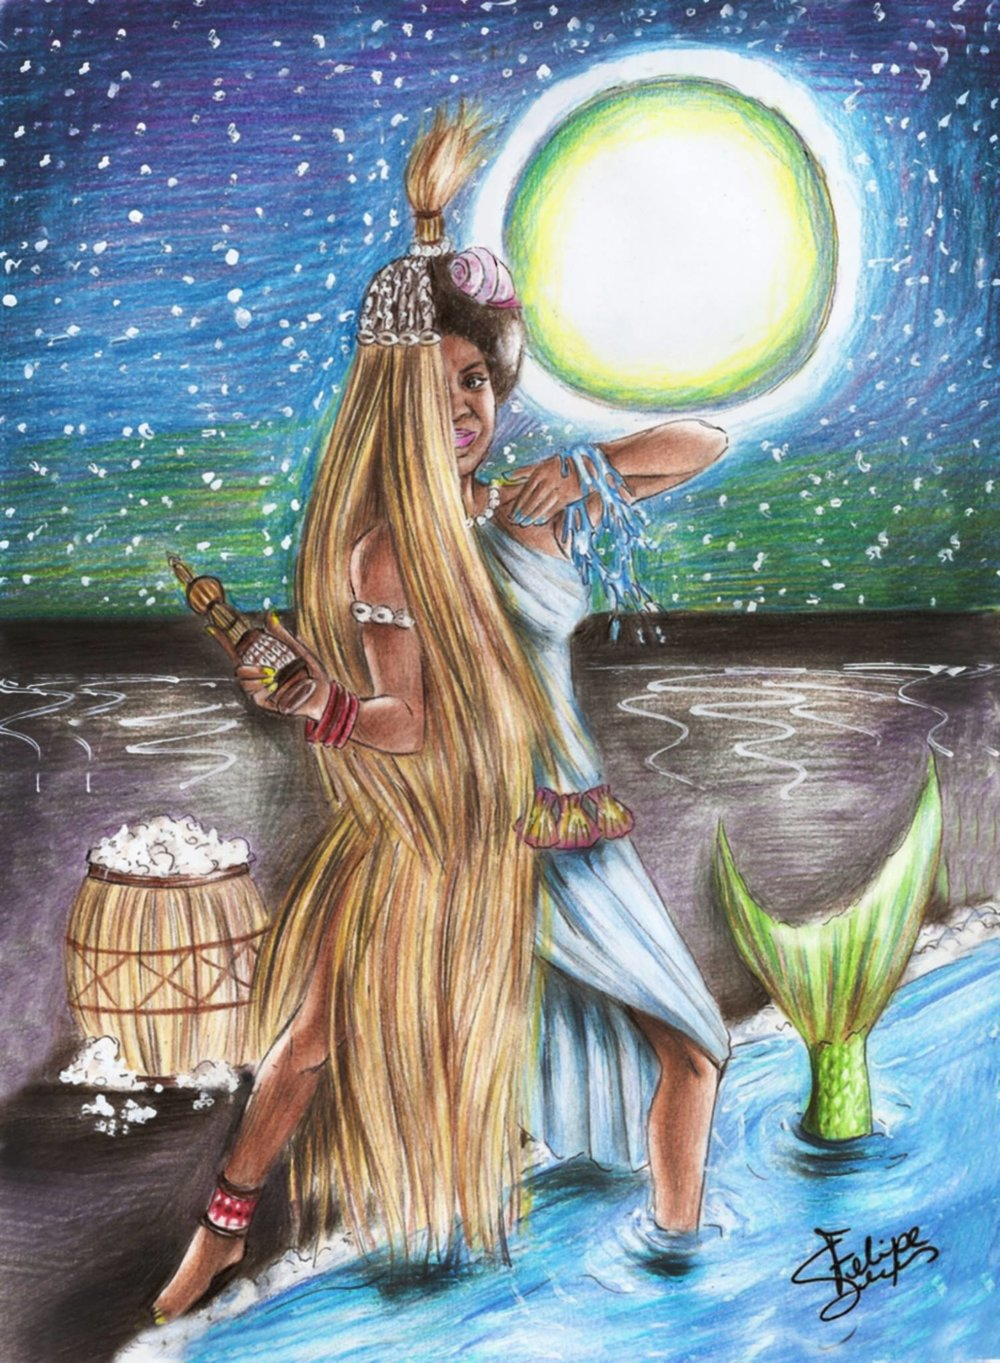 MULHERES NEGRAS, desenhos de Felipe Silva Lemes Mulheres, personagens ou ideias, todas em comum: fontes de inspiração